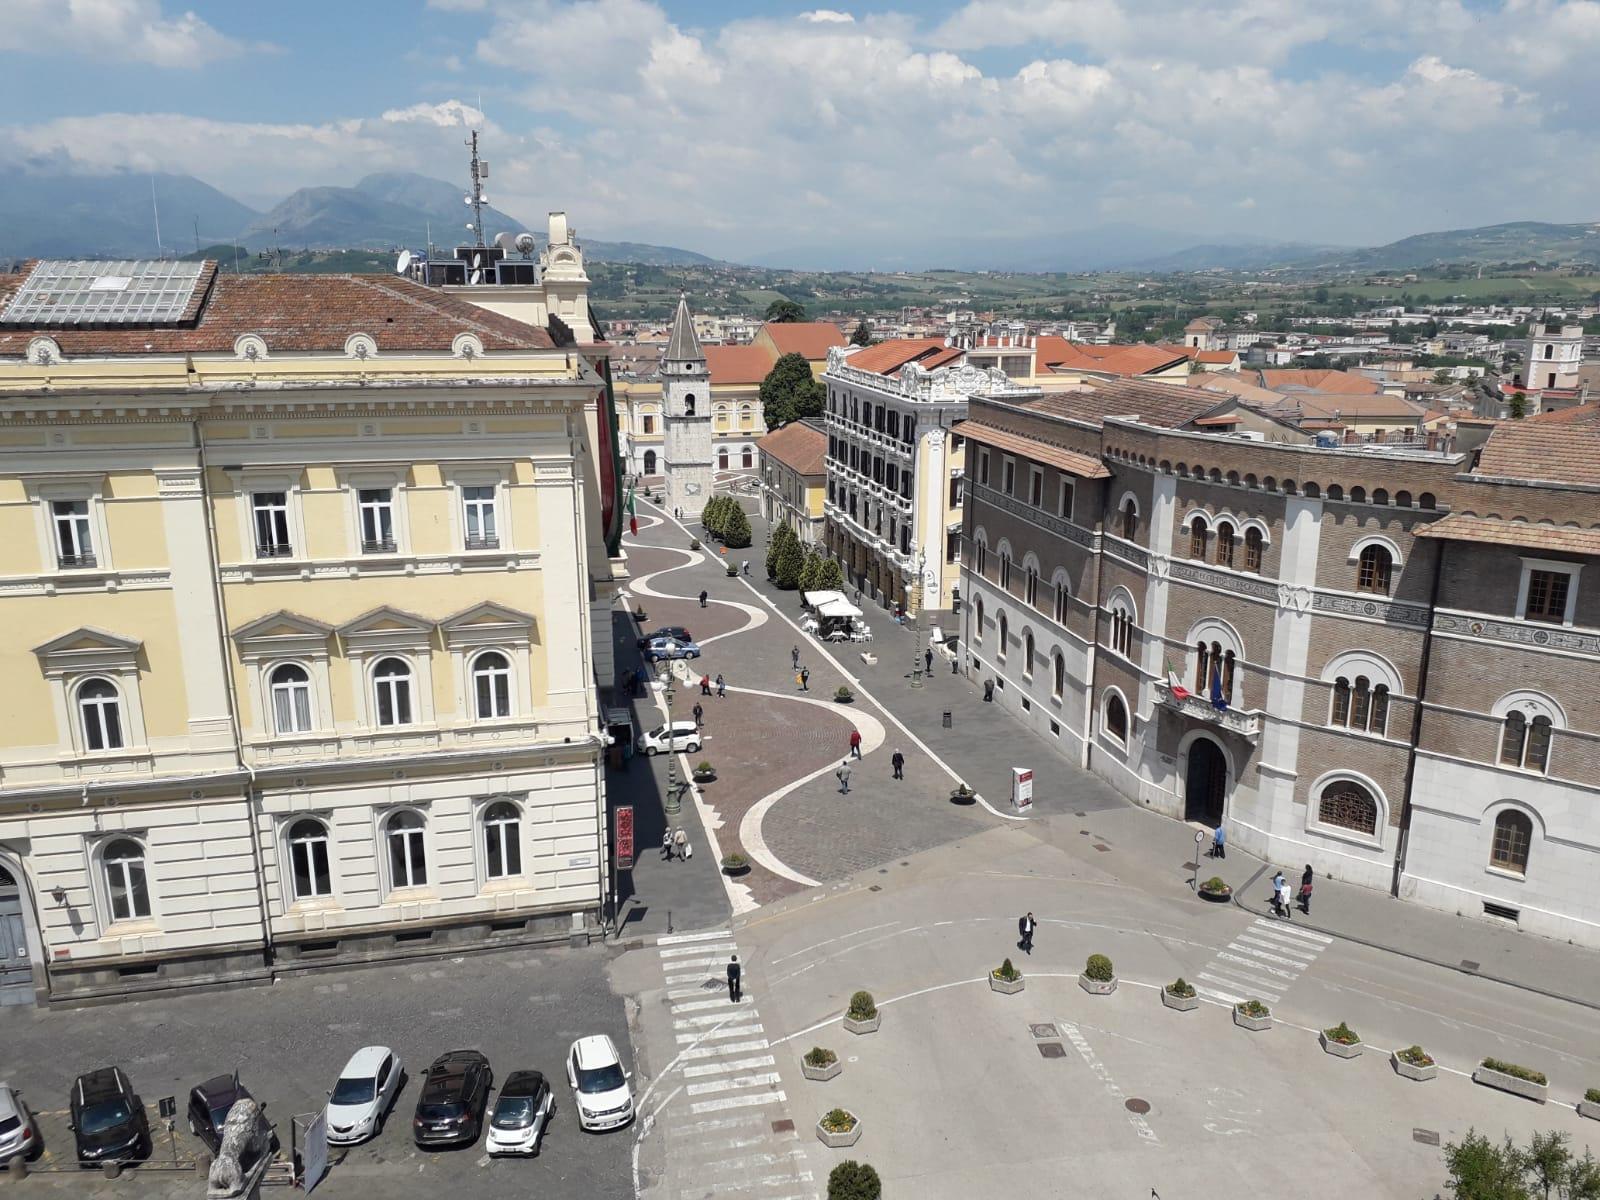 Benevento  Nuovo look per il Corso Garibaldi e zona alta, Pasquariello a Labtv: miglioriamo decoro urbano, vandali permettendo